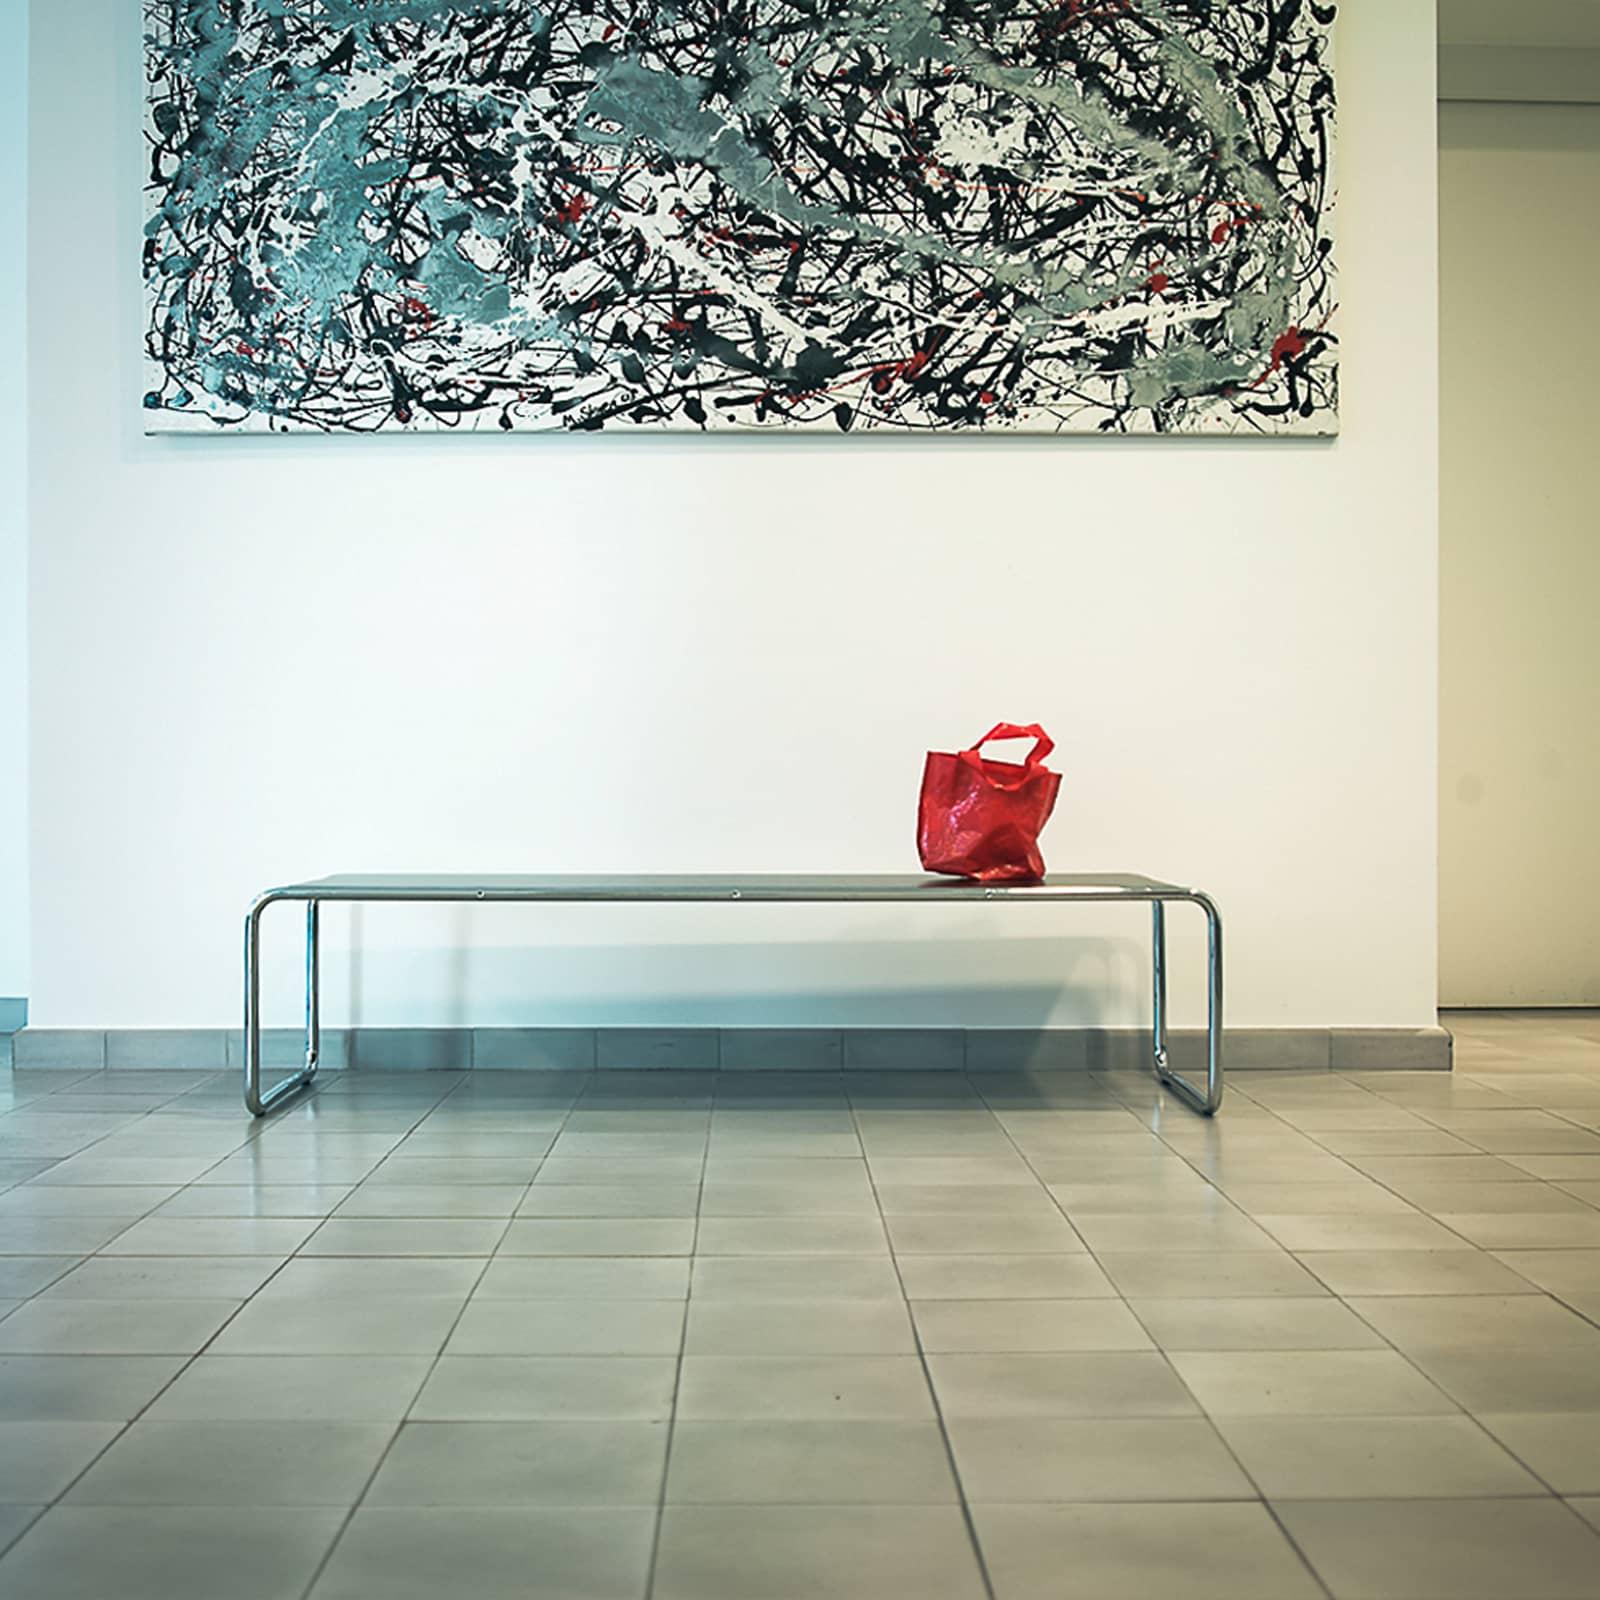 zementfliesen-terrazzofliesen-kreidefarbe-terrazzo-fugenlos-viaplatten-52-bank | 52